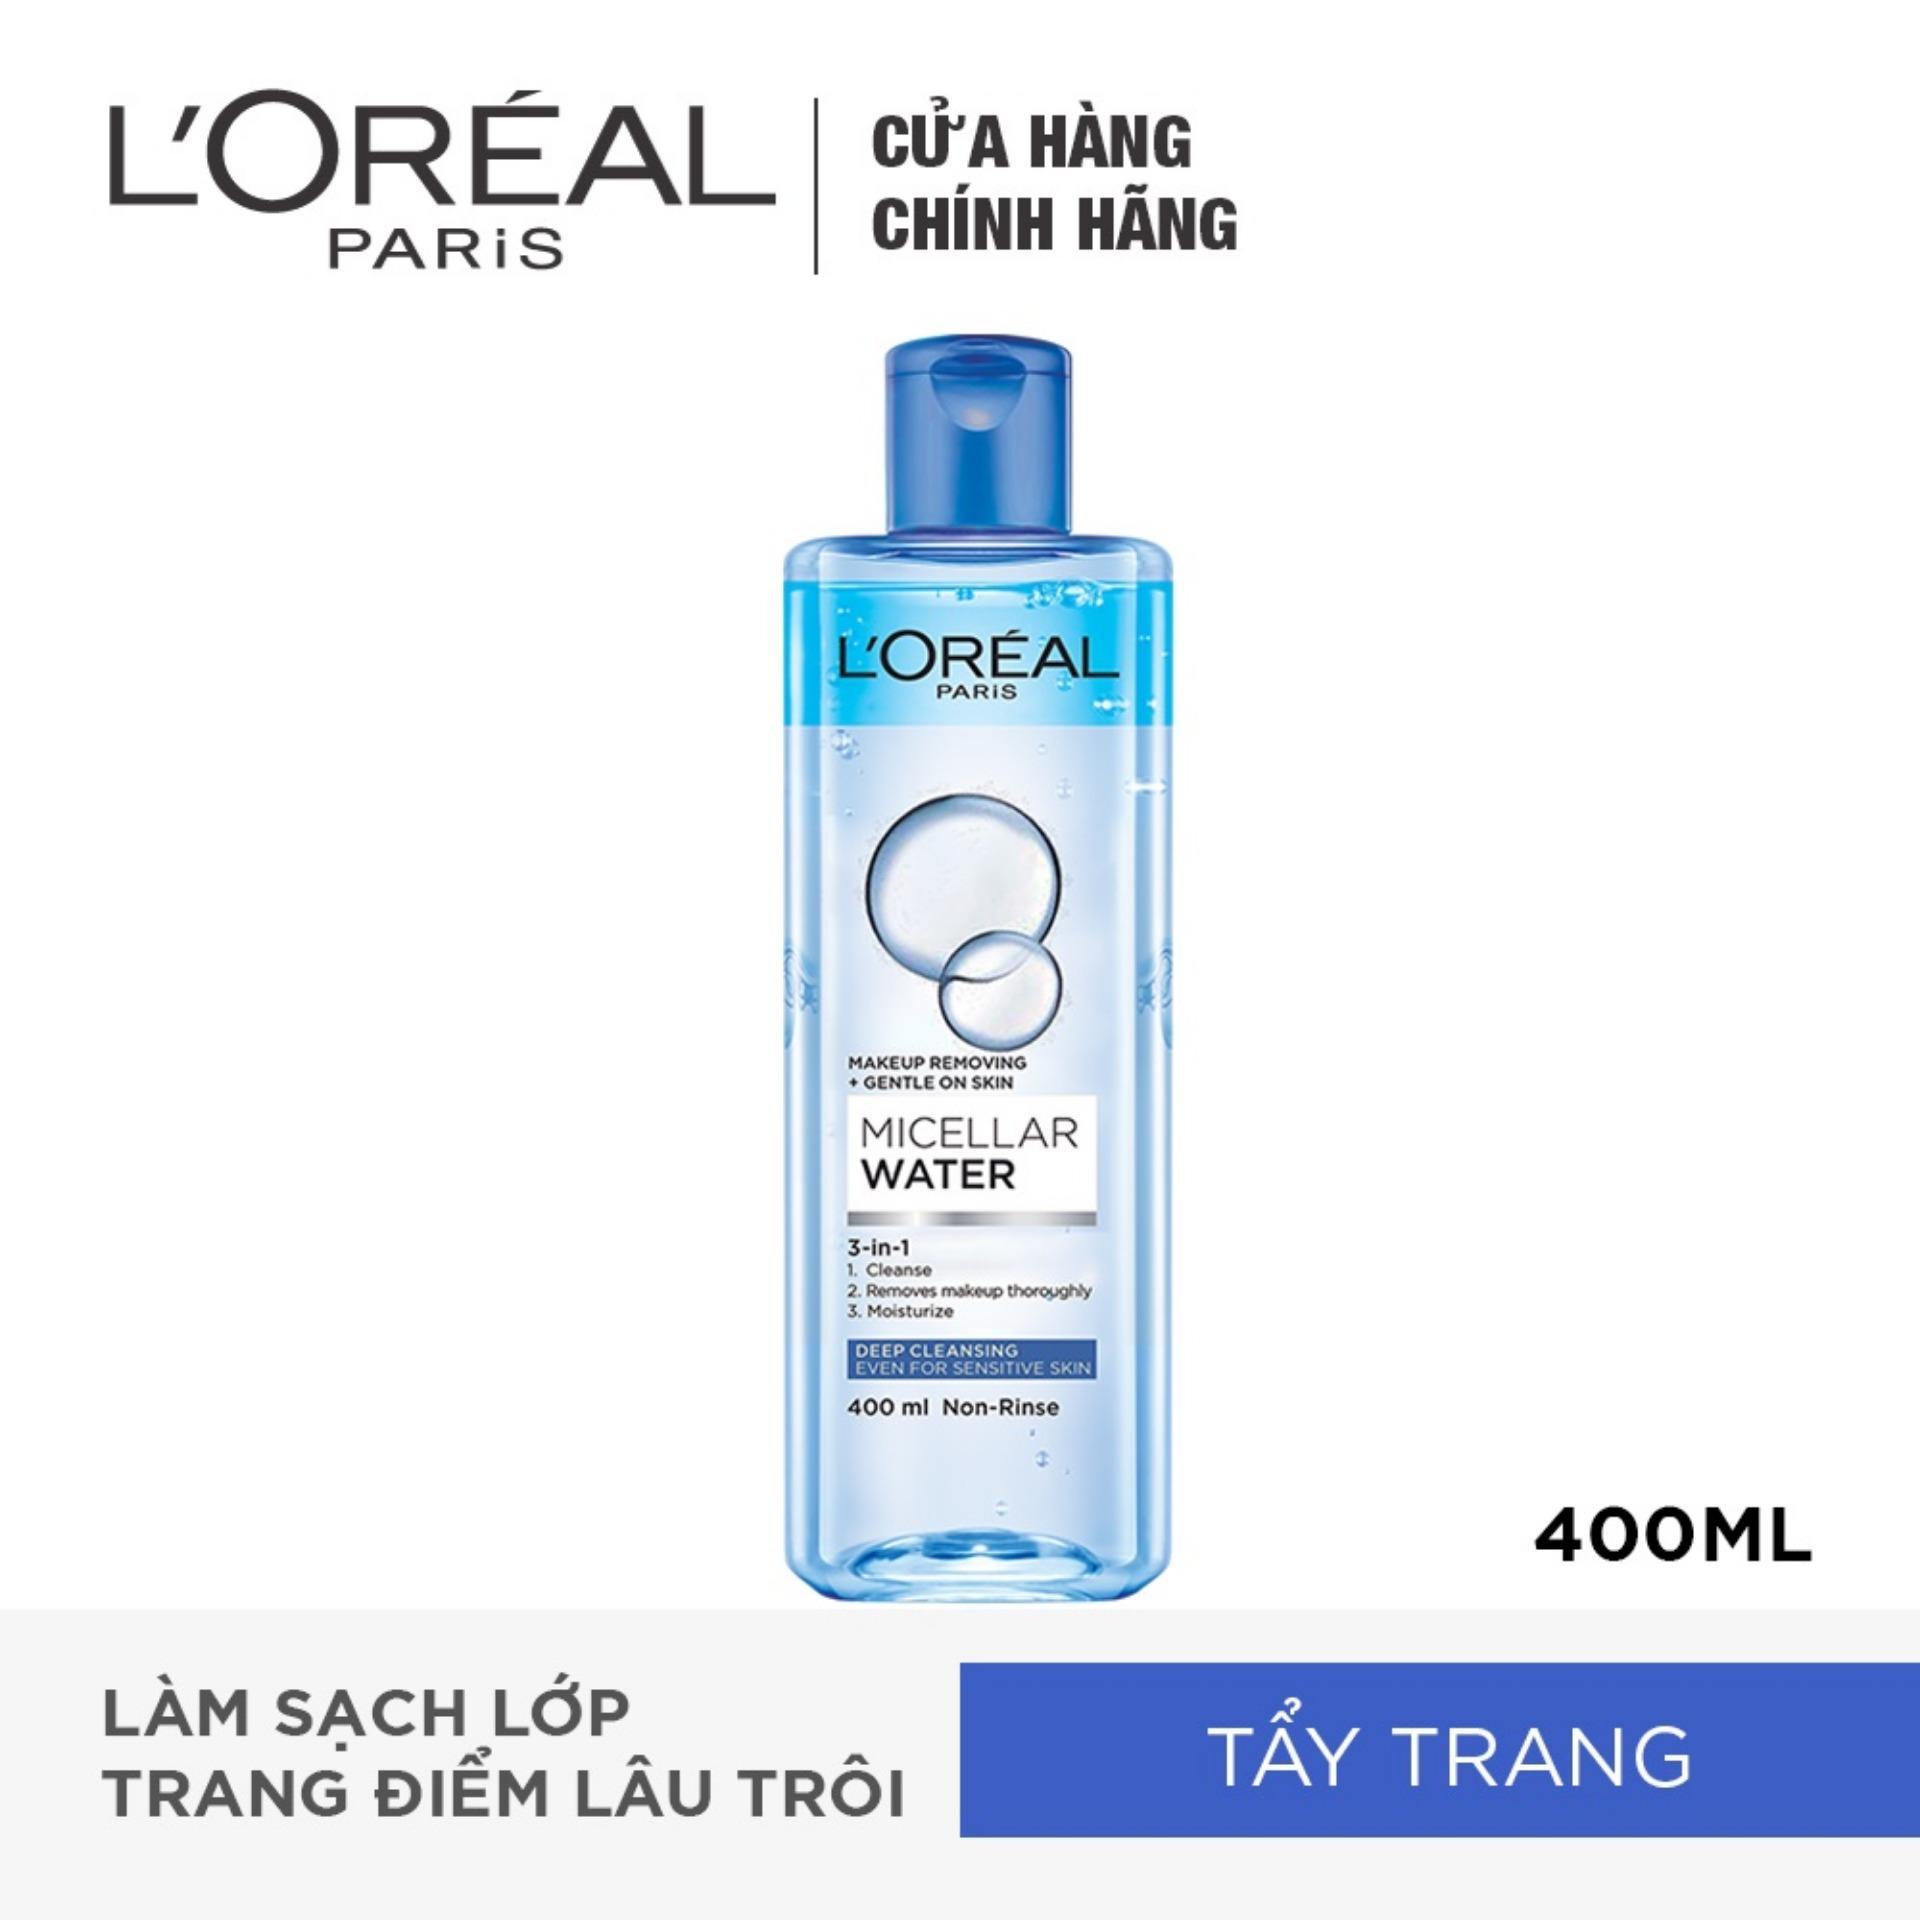 Nước tẩy trang đa năng 3-in-1 LOreal Paris Micellar làm sạch sâu 400ml (xanh dương đậm)